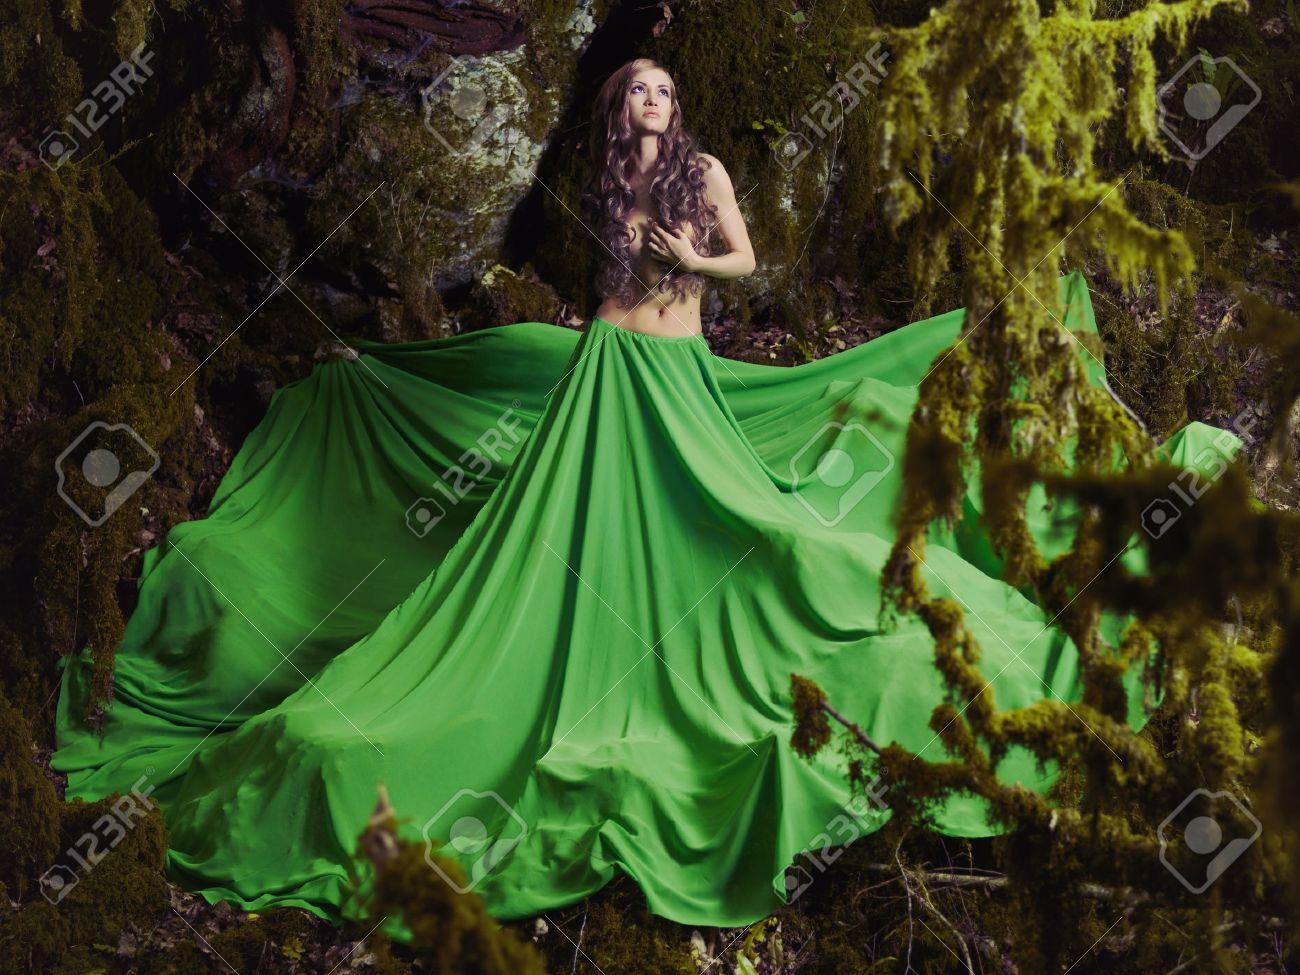 Hermosa Ninfa Del Bosque De Hadas Fotografia De Moda Fotos Retratos Imagenes Y Fotografia De Archivo Libres De Derecho Image 21089717